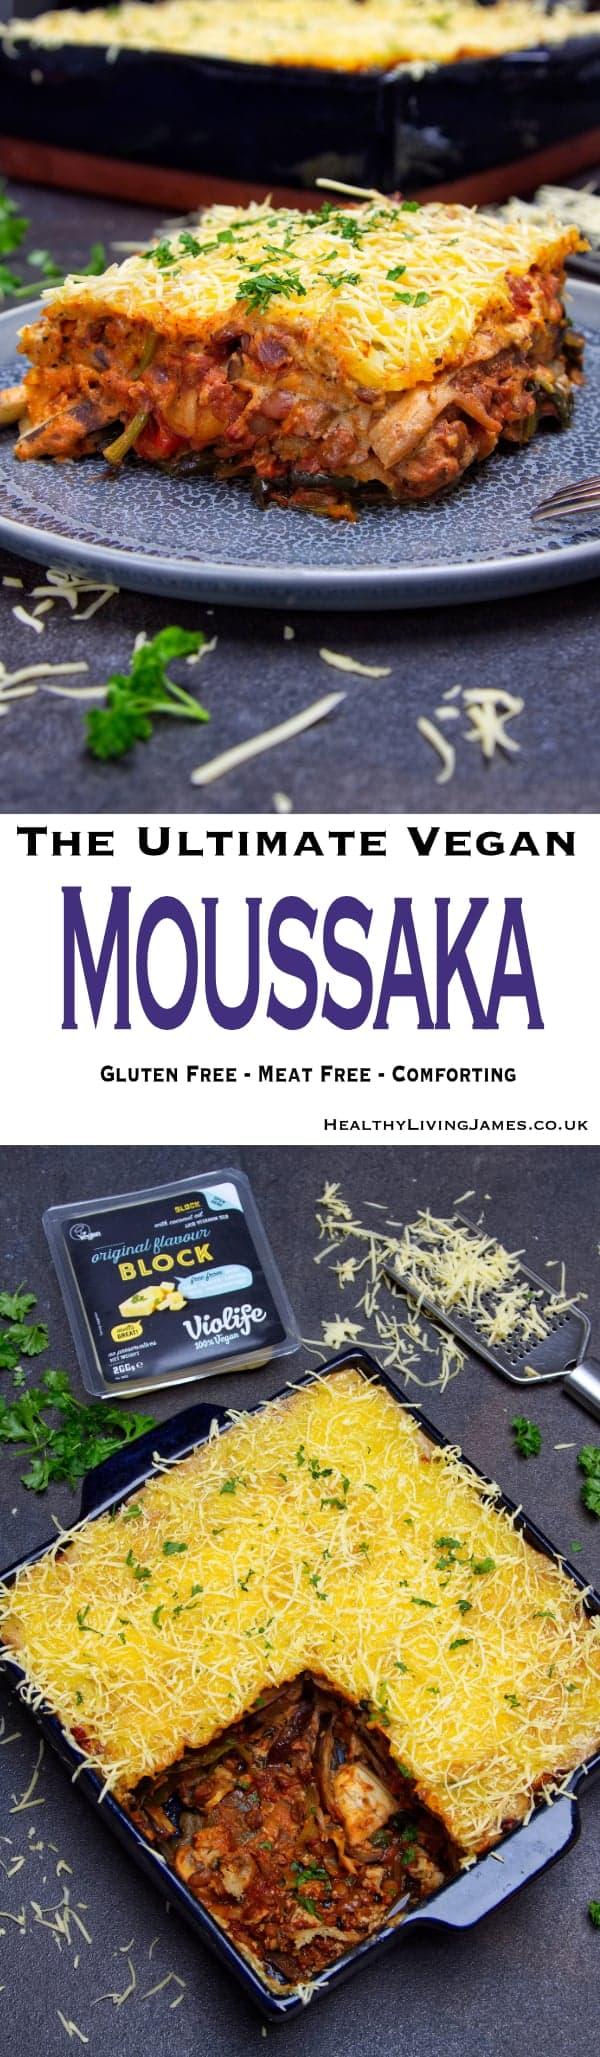 Ultimate Vegan Moussaka Pin